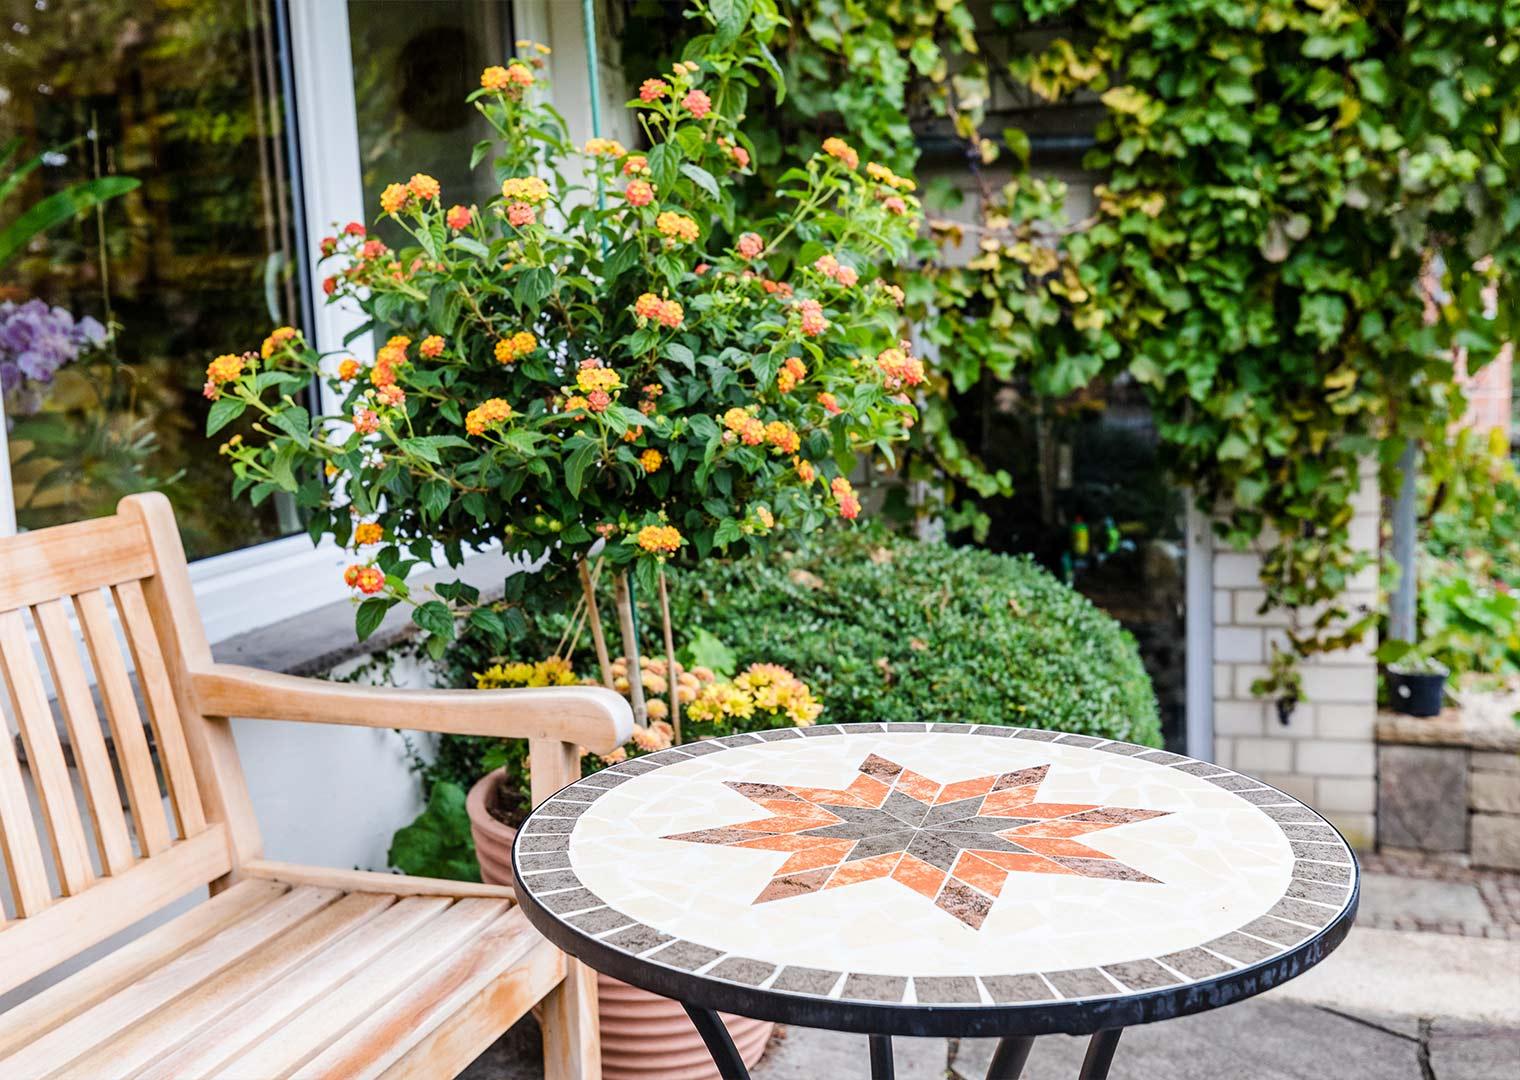 Link zur Bilddatei: menke_galabau_bochum_referenzen_privatgarten_am_hang_galeriebild_terrasse